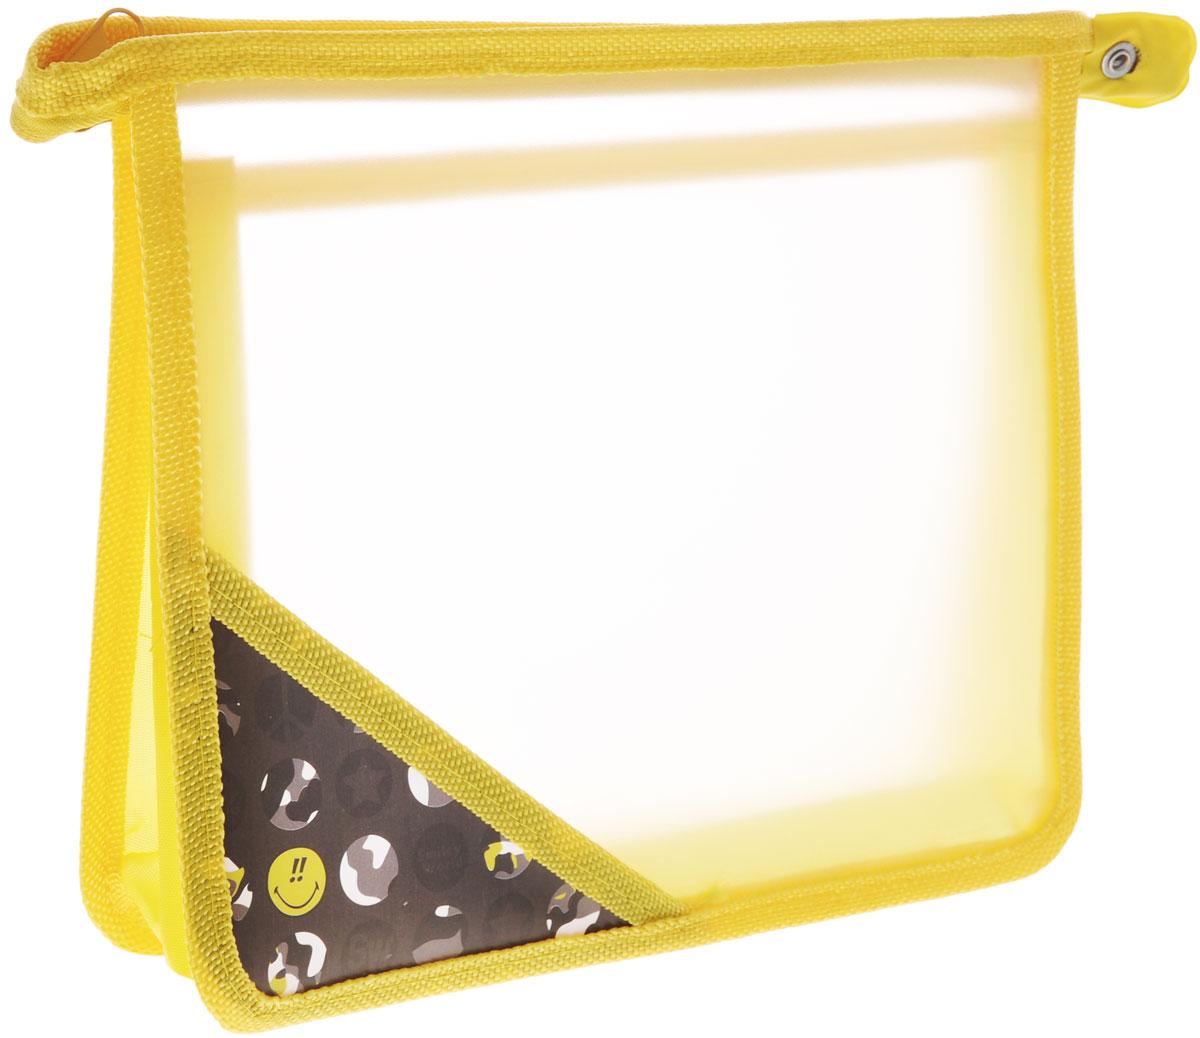 Proff Папка для тетрадей Smiley, цвет: желтый, формат А580033ОПапка для тетрадей Proff Smiley поможет не растерять школьнику свои тетради, рисунки и прочие бумаги. Выполнена из прочного пластика и разделена на два отдела полупрозрачной перегородкой. Папка закрывается на застежку-молнию. На углу лицевой стороны нанесено изображение смайлика. Края папки окантованы мягкой текстильной тесьмой.